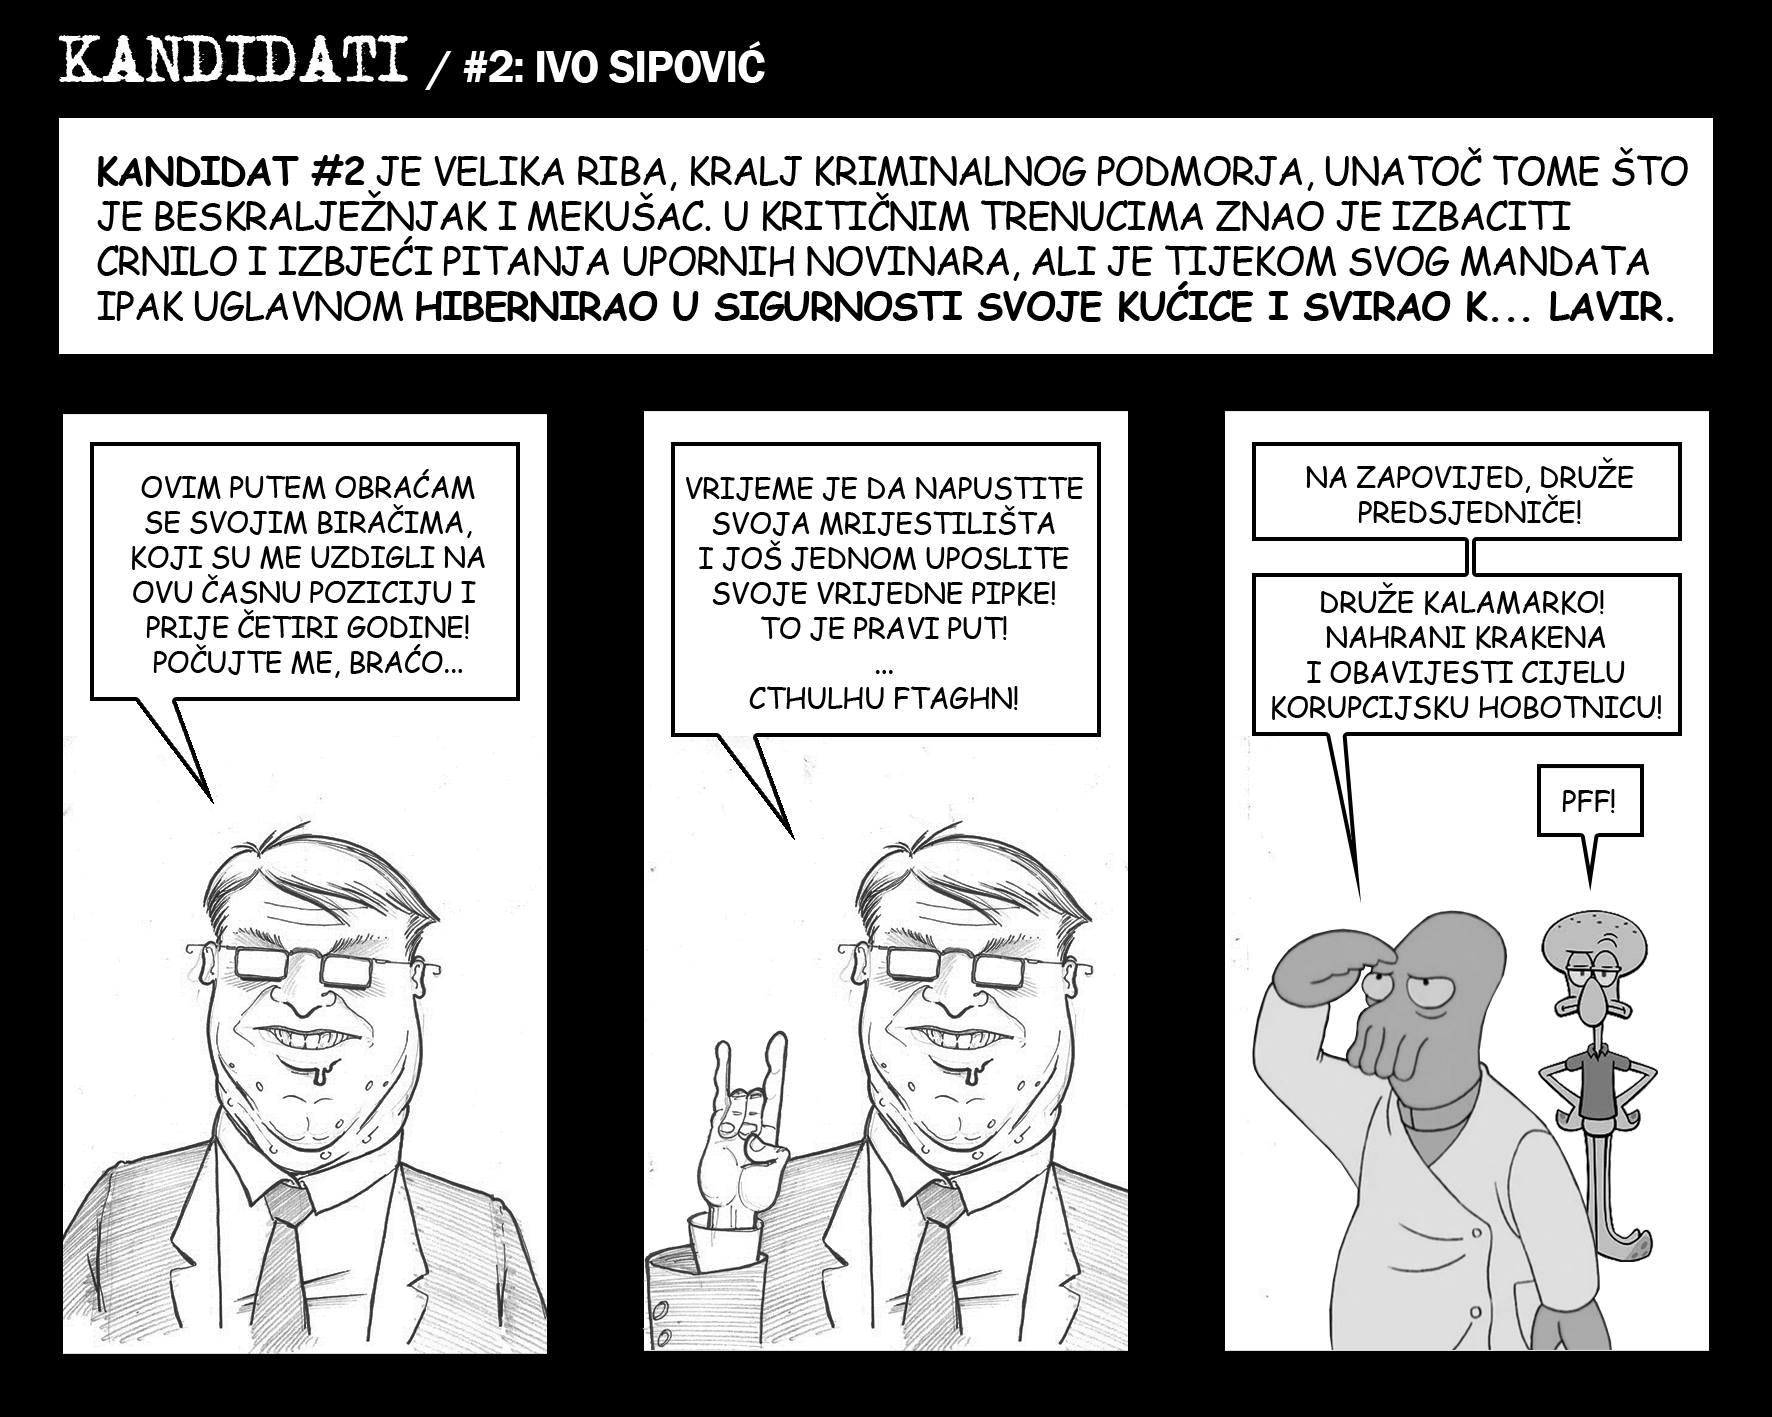 Blenofobija_Ivan_Ivanovic_kolumna_satira_predsjednicki_izbori_2